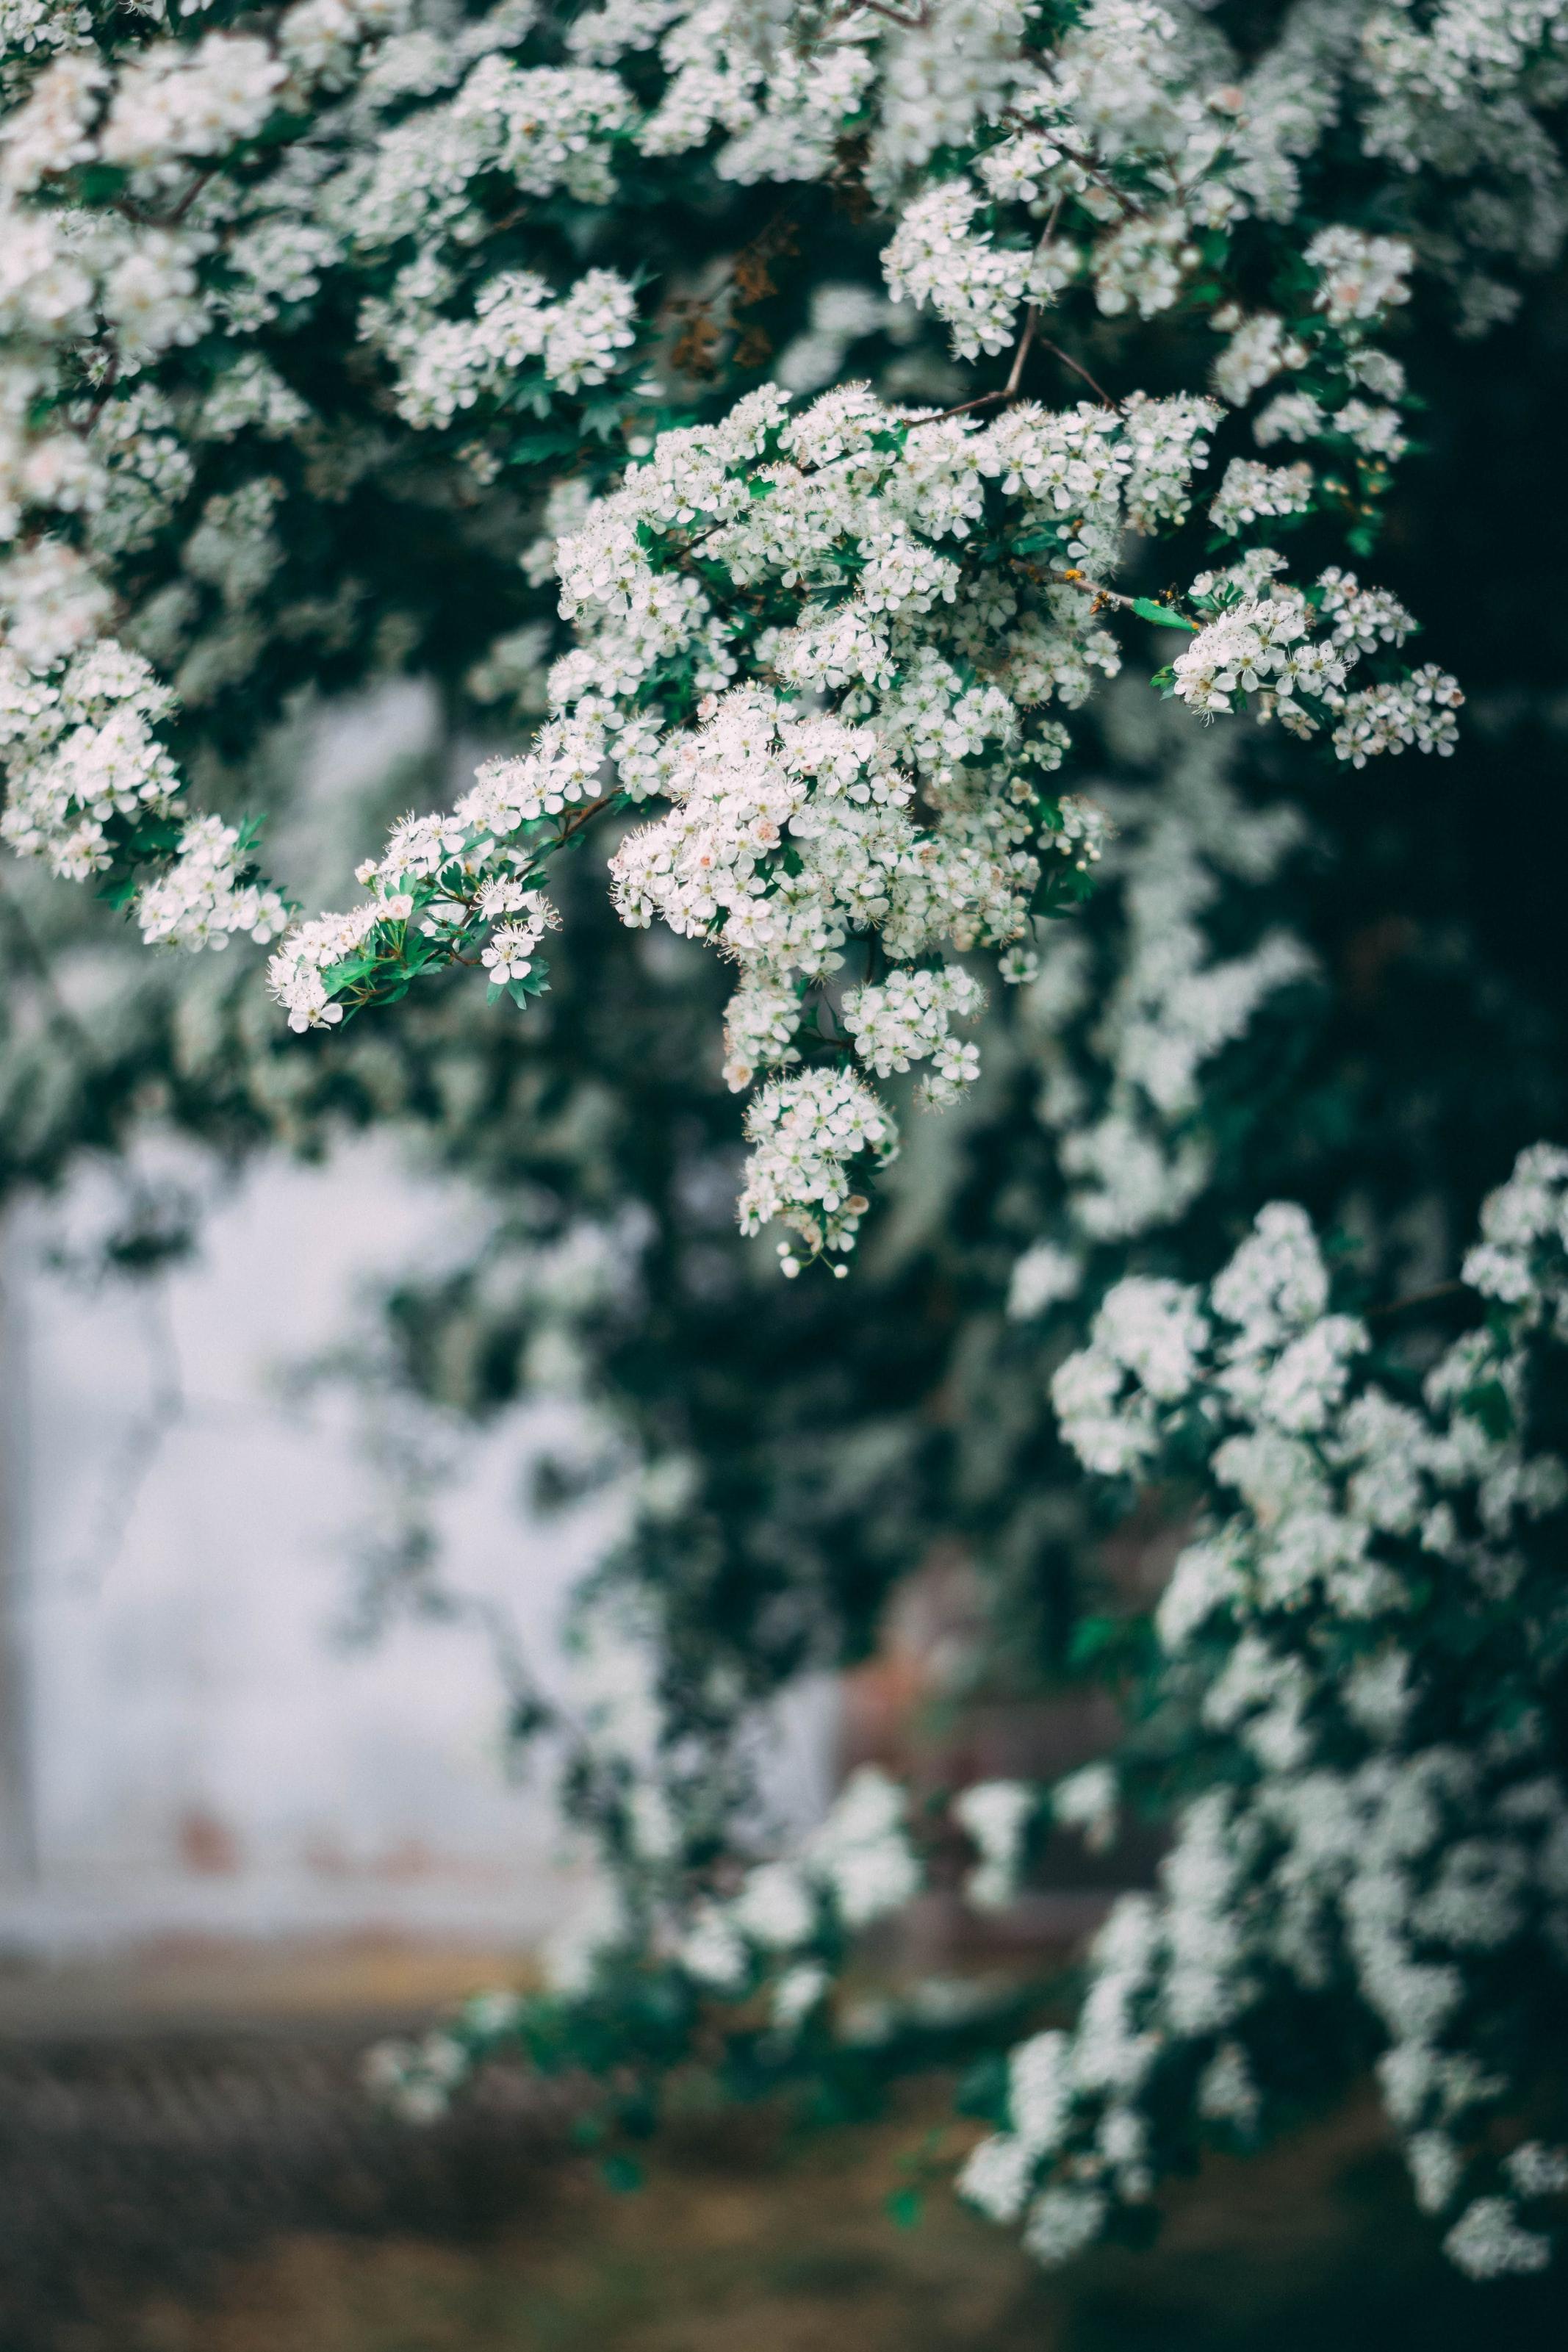 Bilde av en busk som blomstrer med små, hvite blomster